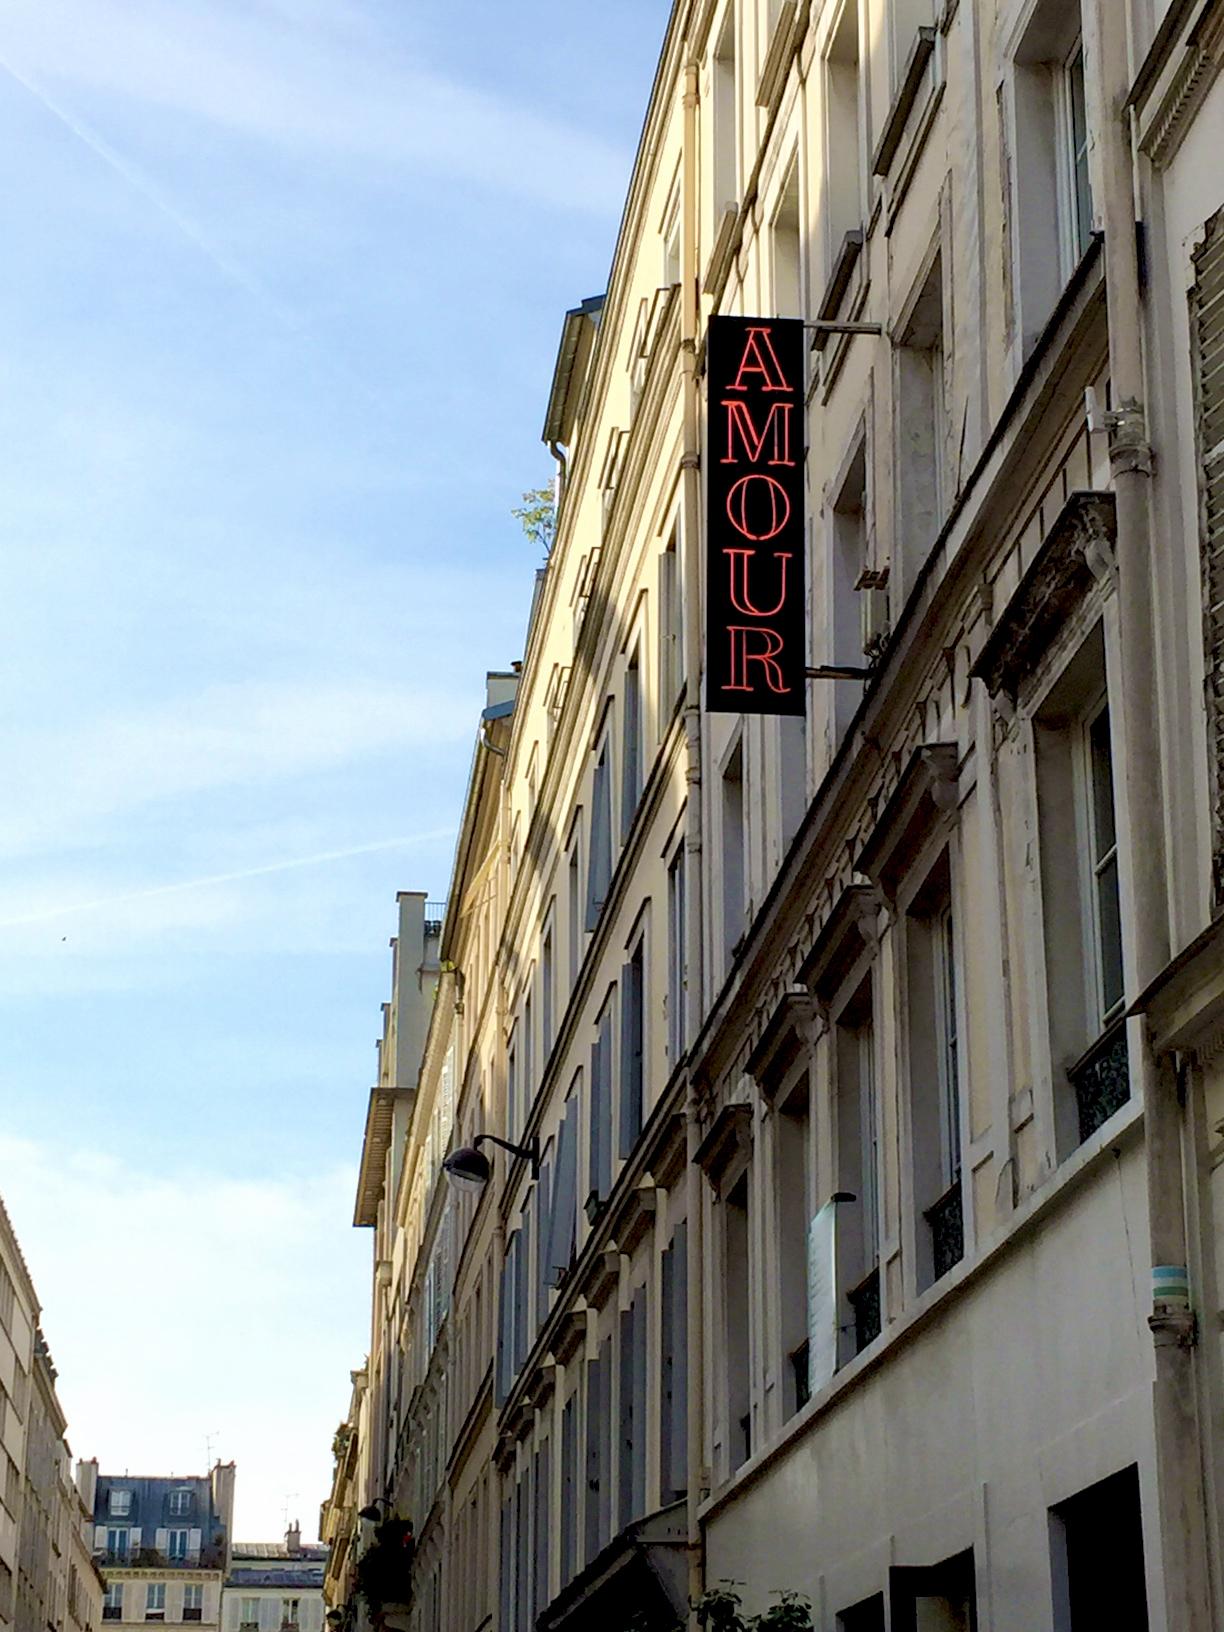 Hotel Amour signage